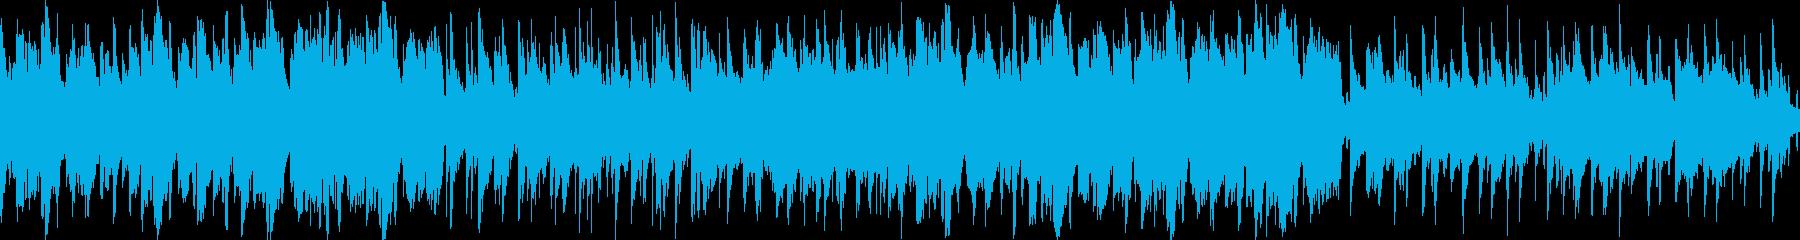 北欧の街並み・爽やかな民族音楽・ループ版の再生済みの波形